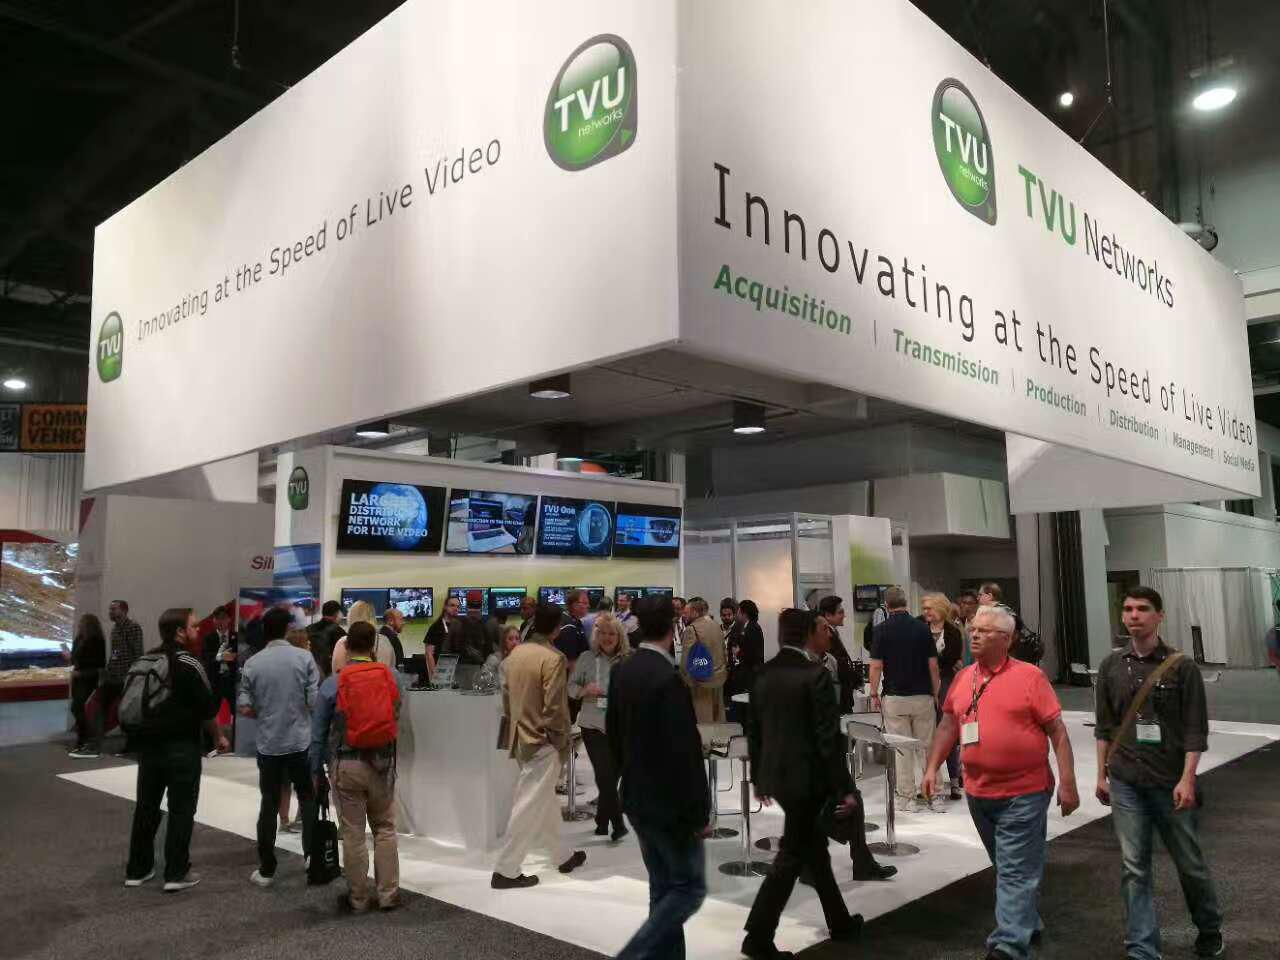 TVU Networks 端到端IP视频生态系统惊艳2017全美广播电视展